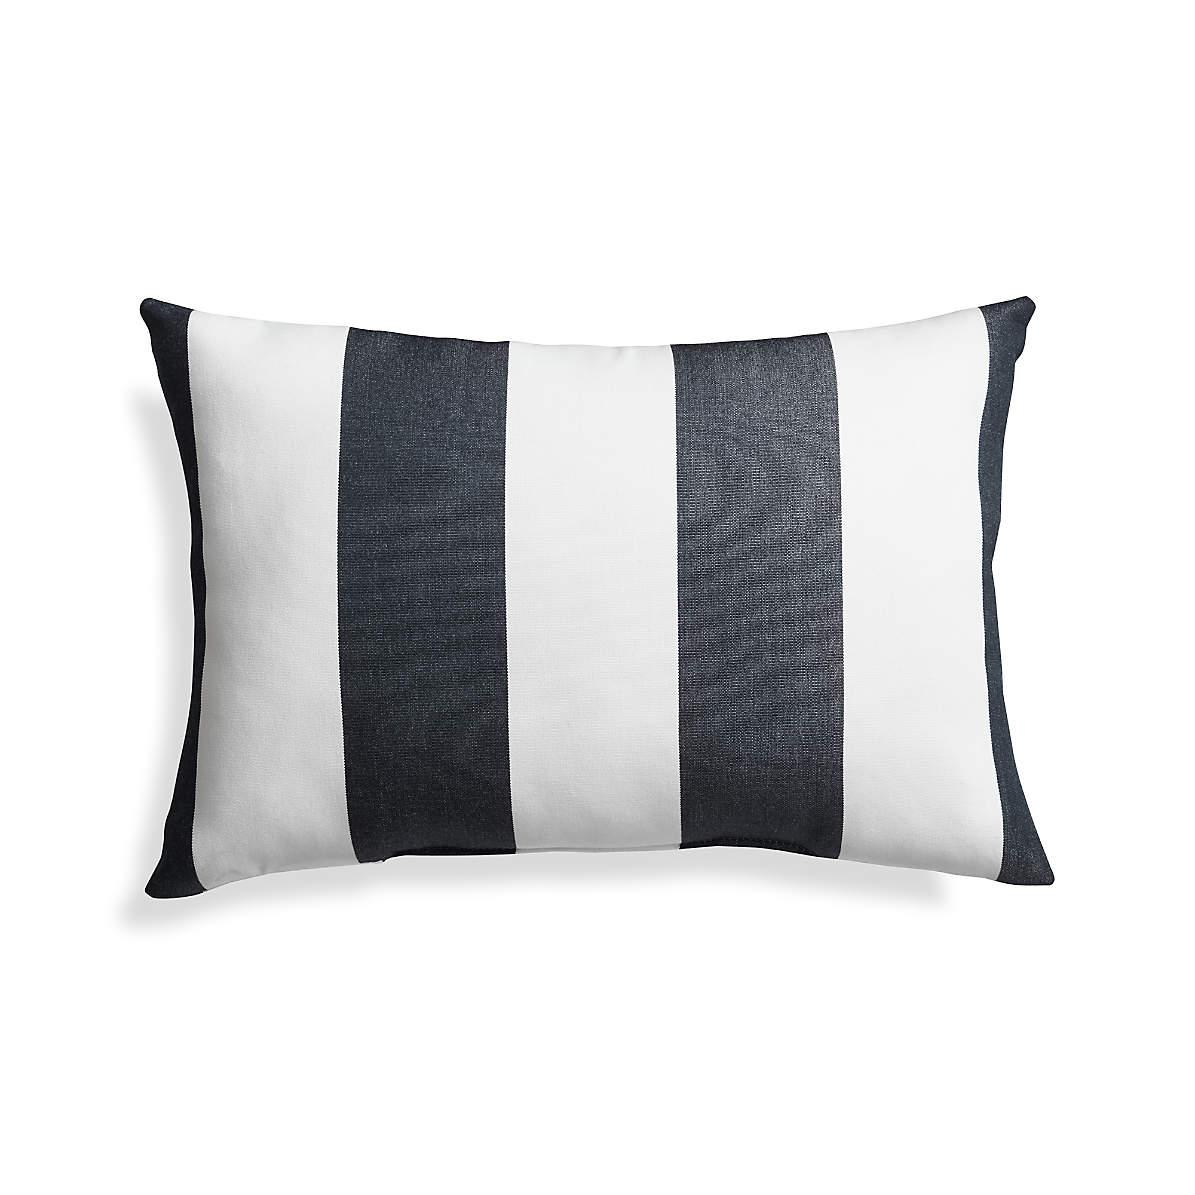 Sunbrella Cabana Stripe Navy Outdoor Lumbar Pillow Reviews Crate And Barrel